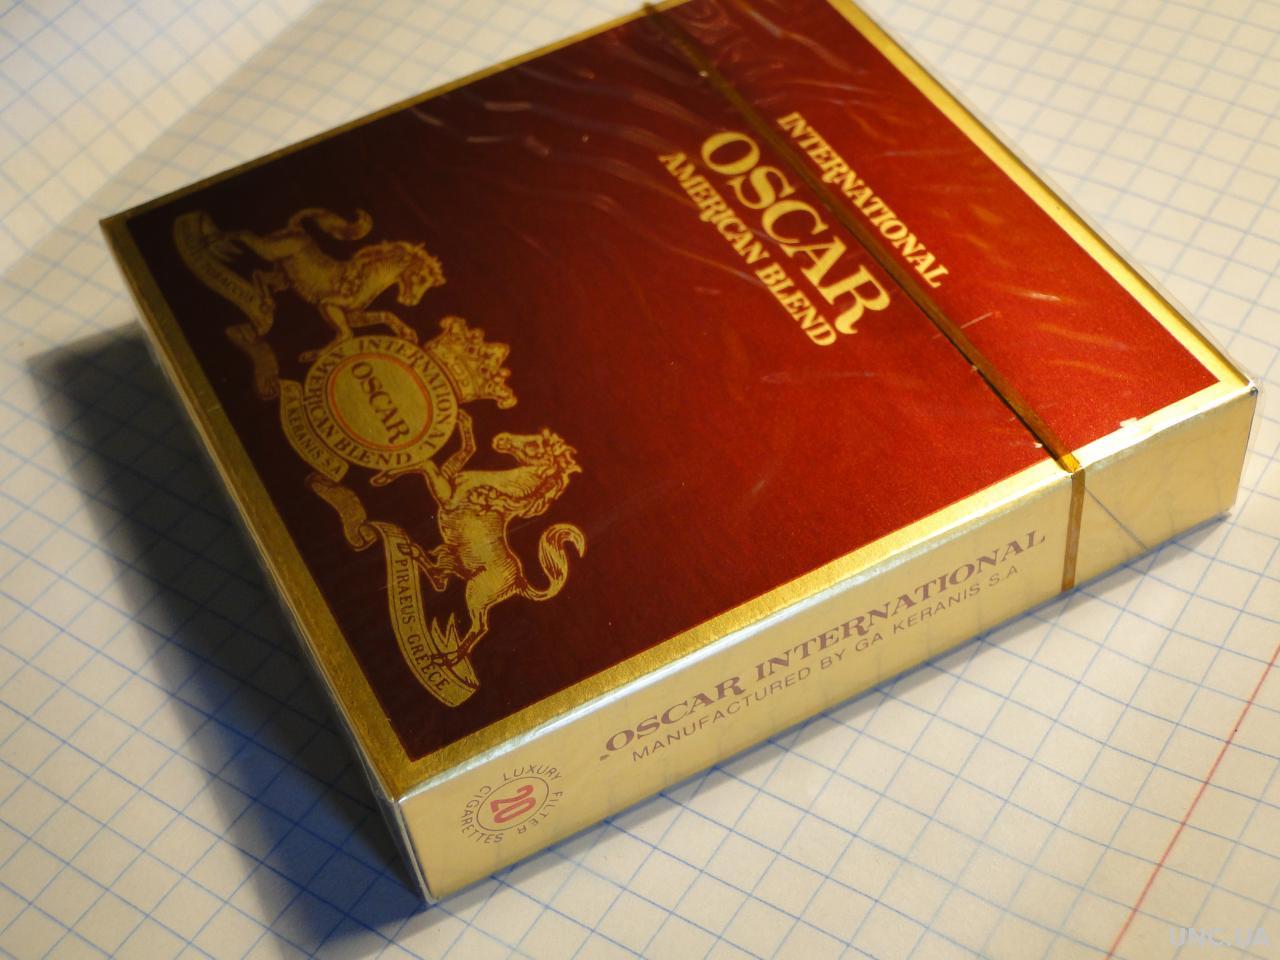 Сигареты оскар купить в санкт петербурге в розницу разрешение торговлю табачными изделиями